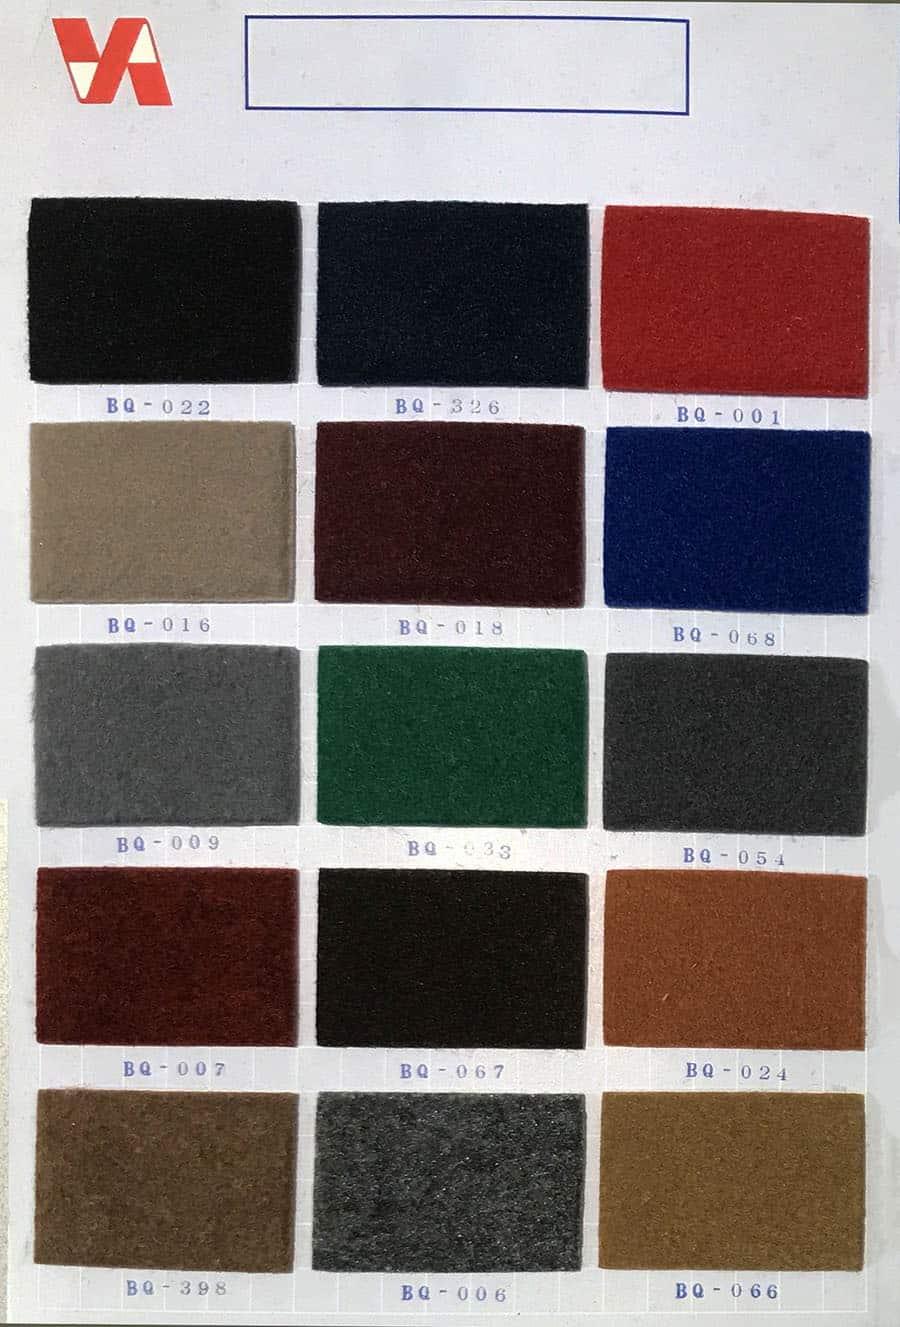 比利時厚身絨面展覽地毯 Belgium KK Carpet